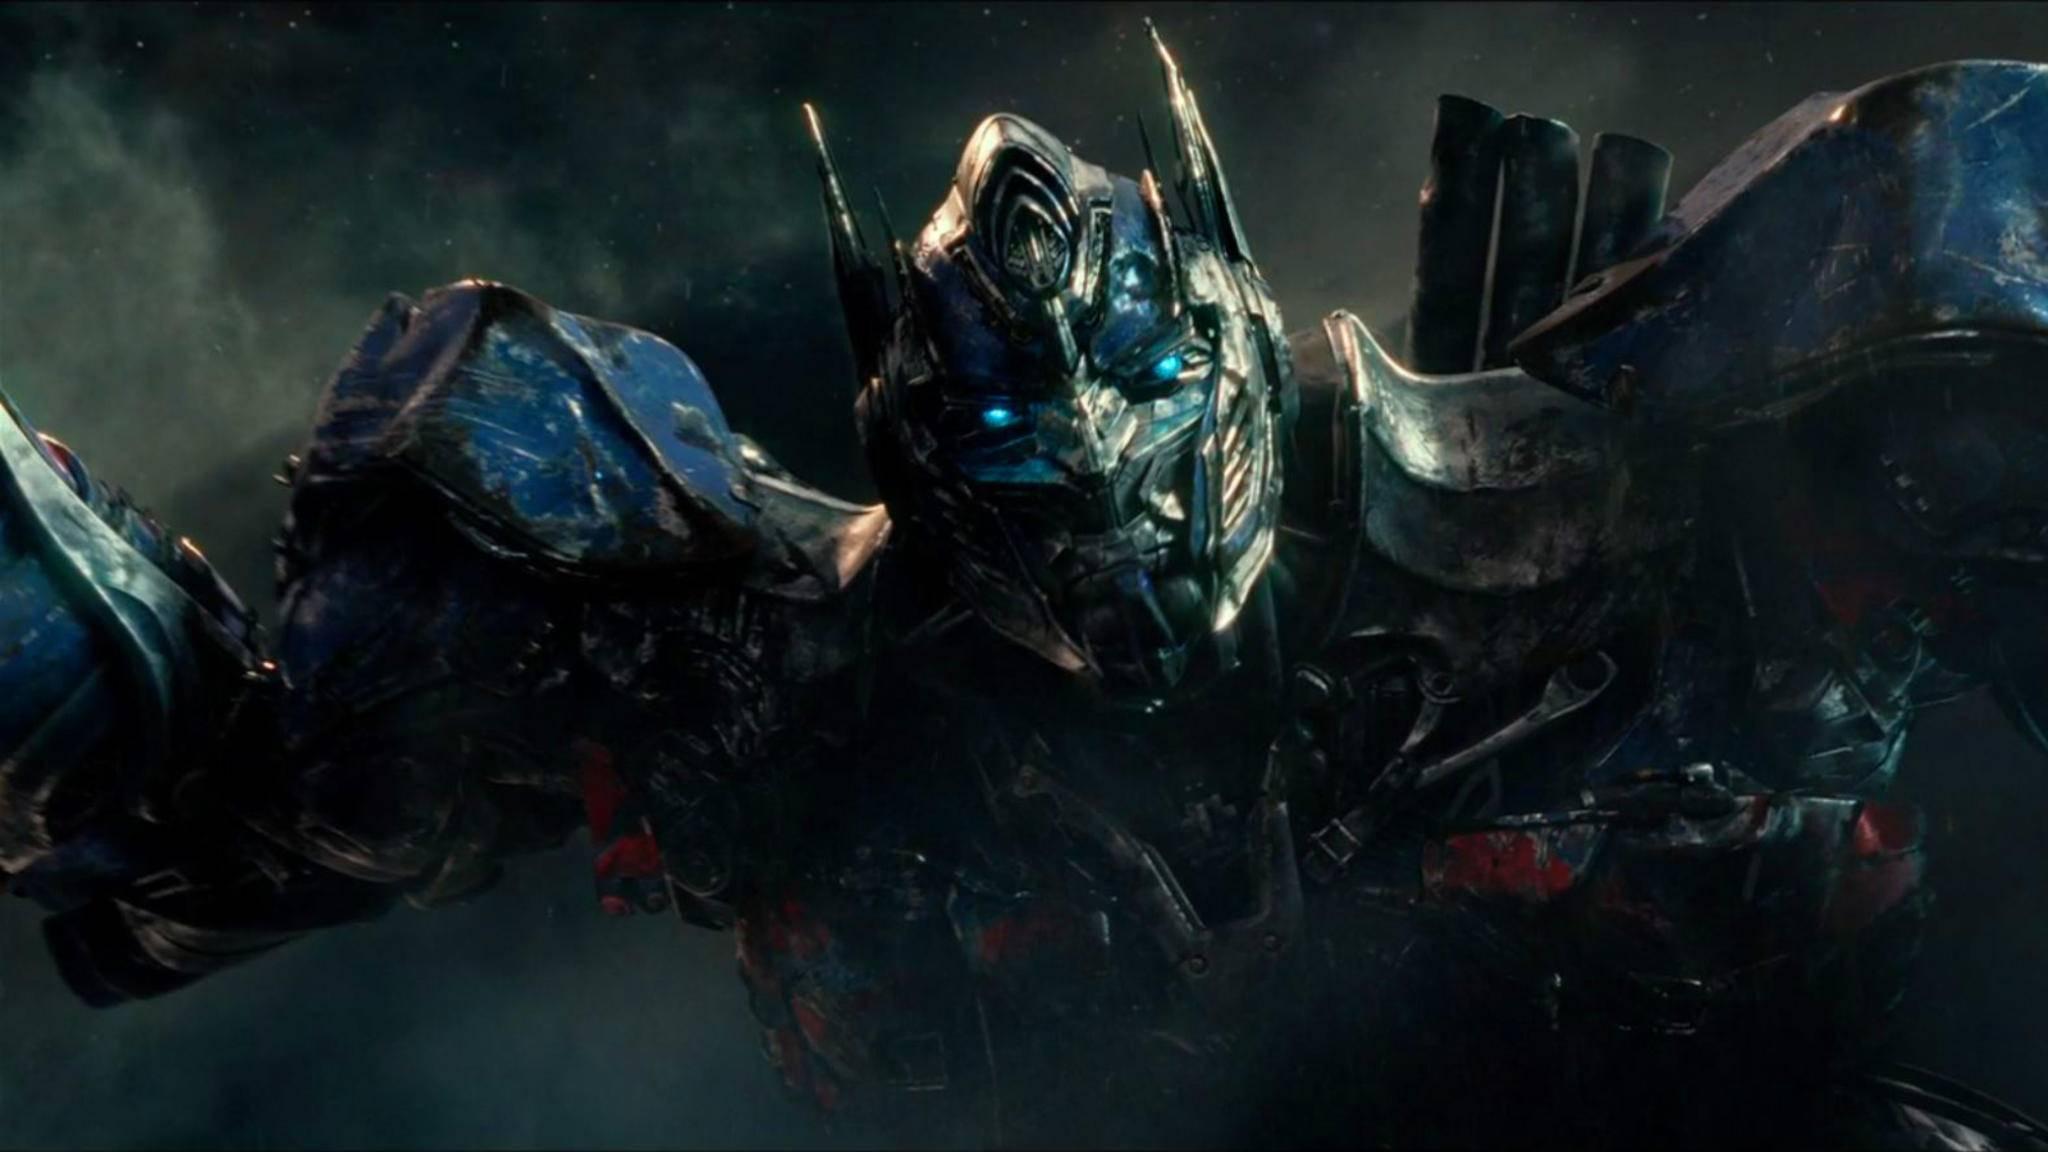 Starten Optimus Prime und Co. bald noch einmal neu durch?